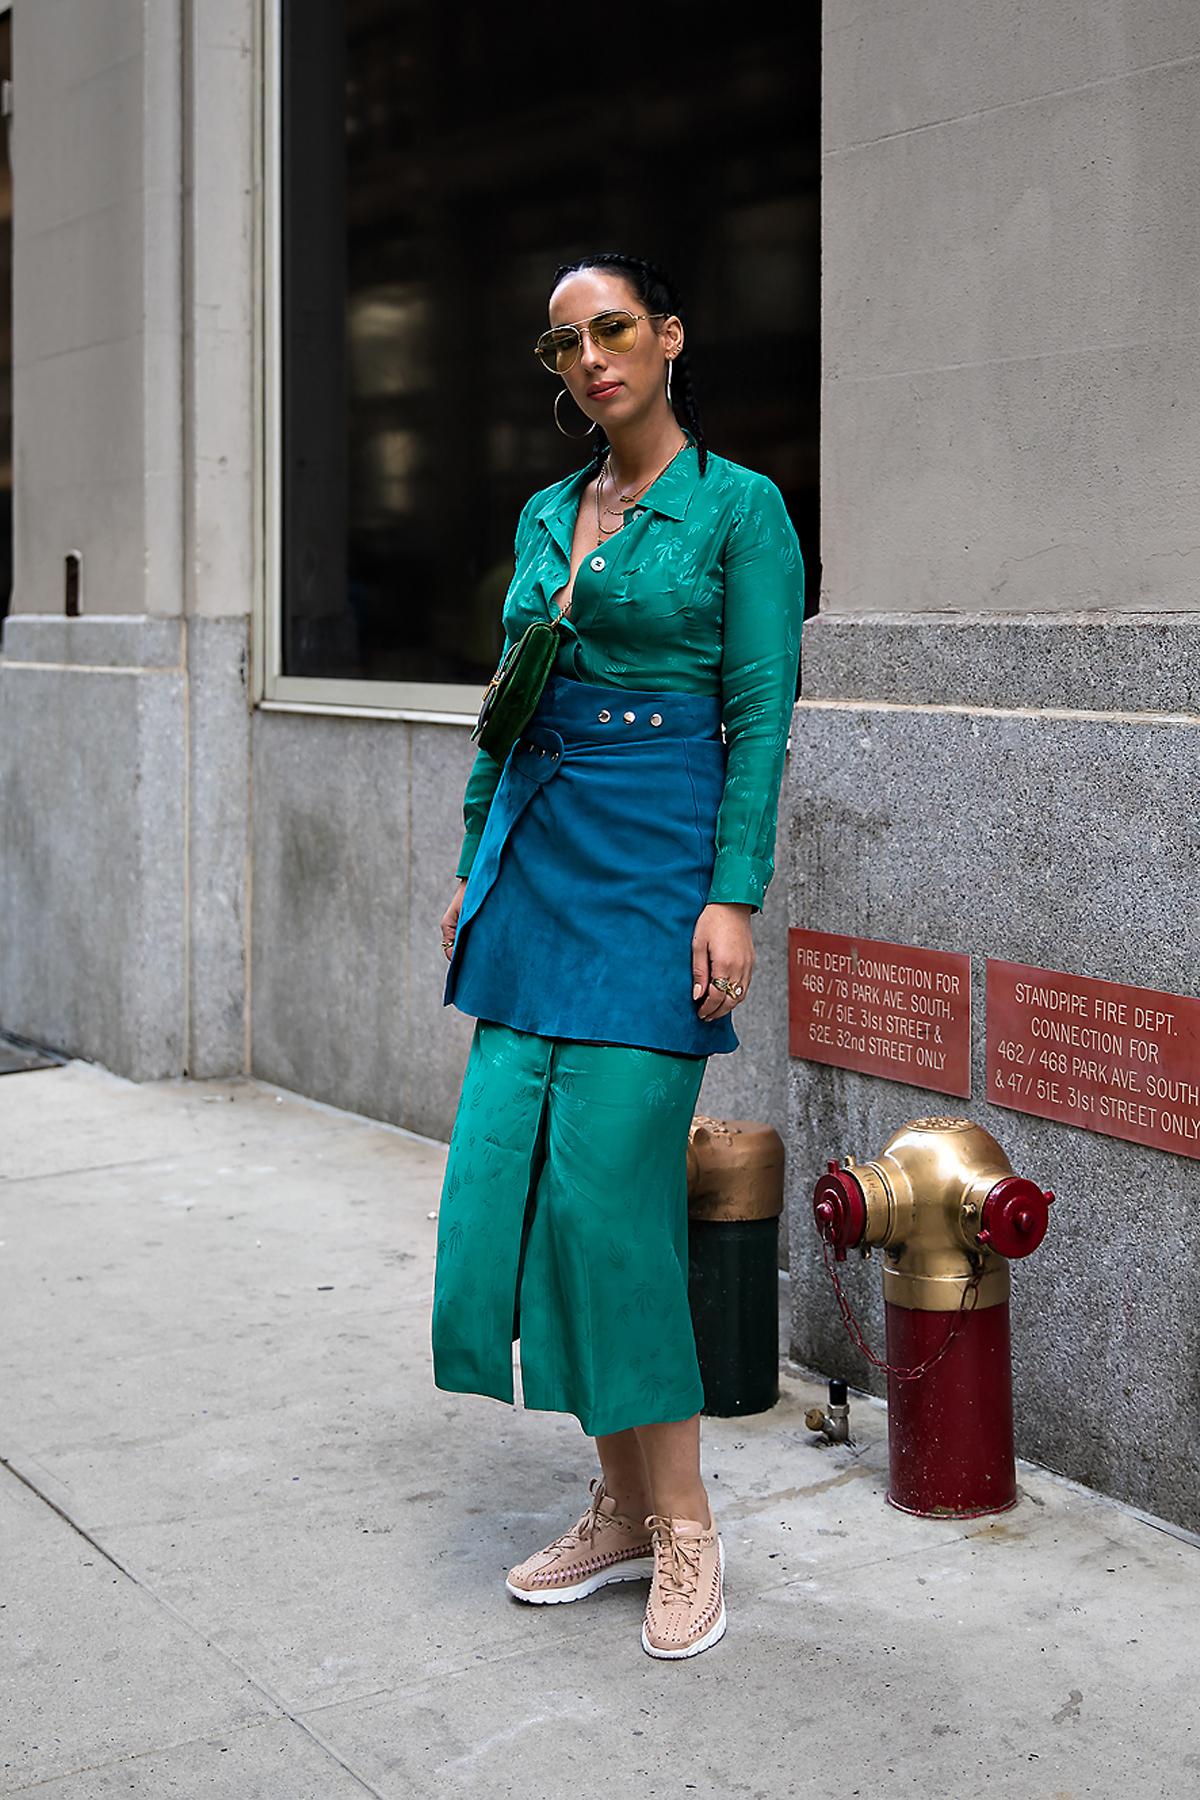 Julia Lang, Street Fashion 2017 in New York.jpg